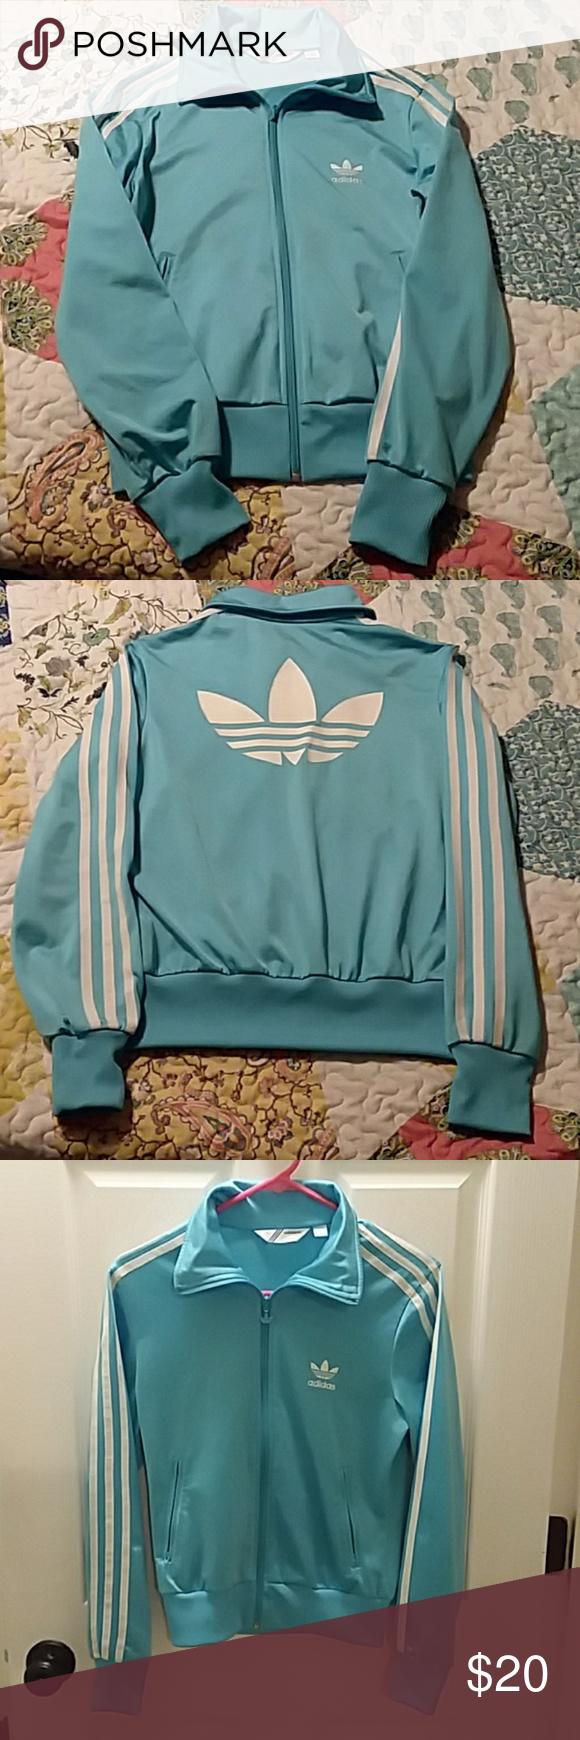 Baby blue adidas athletic jacket Baby blue adidas athletic jacket. Adidas symbol on back. Great condition! adidas Jackets & Coats